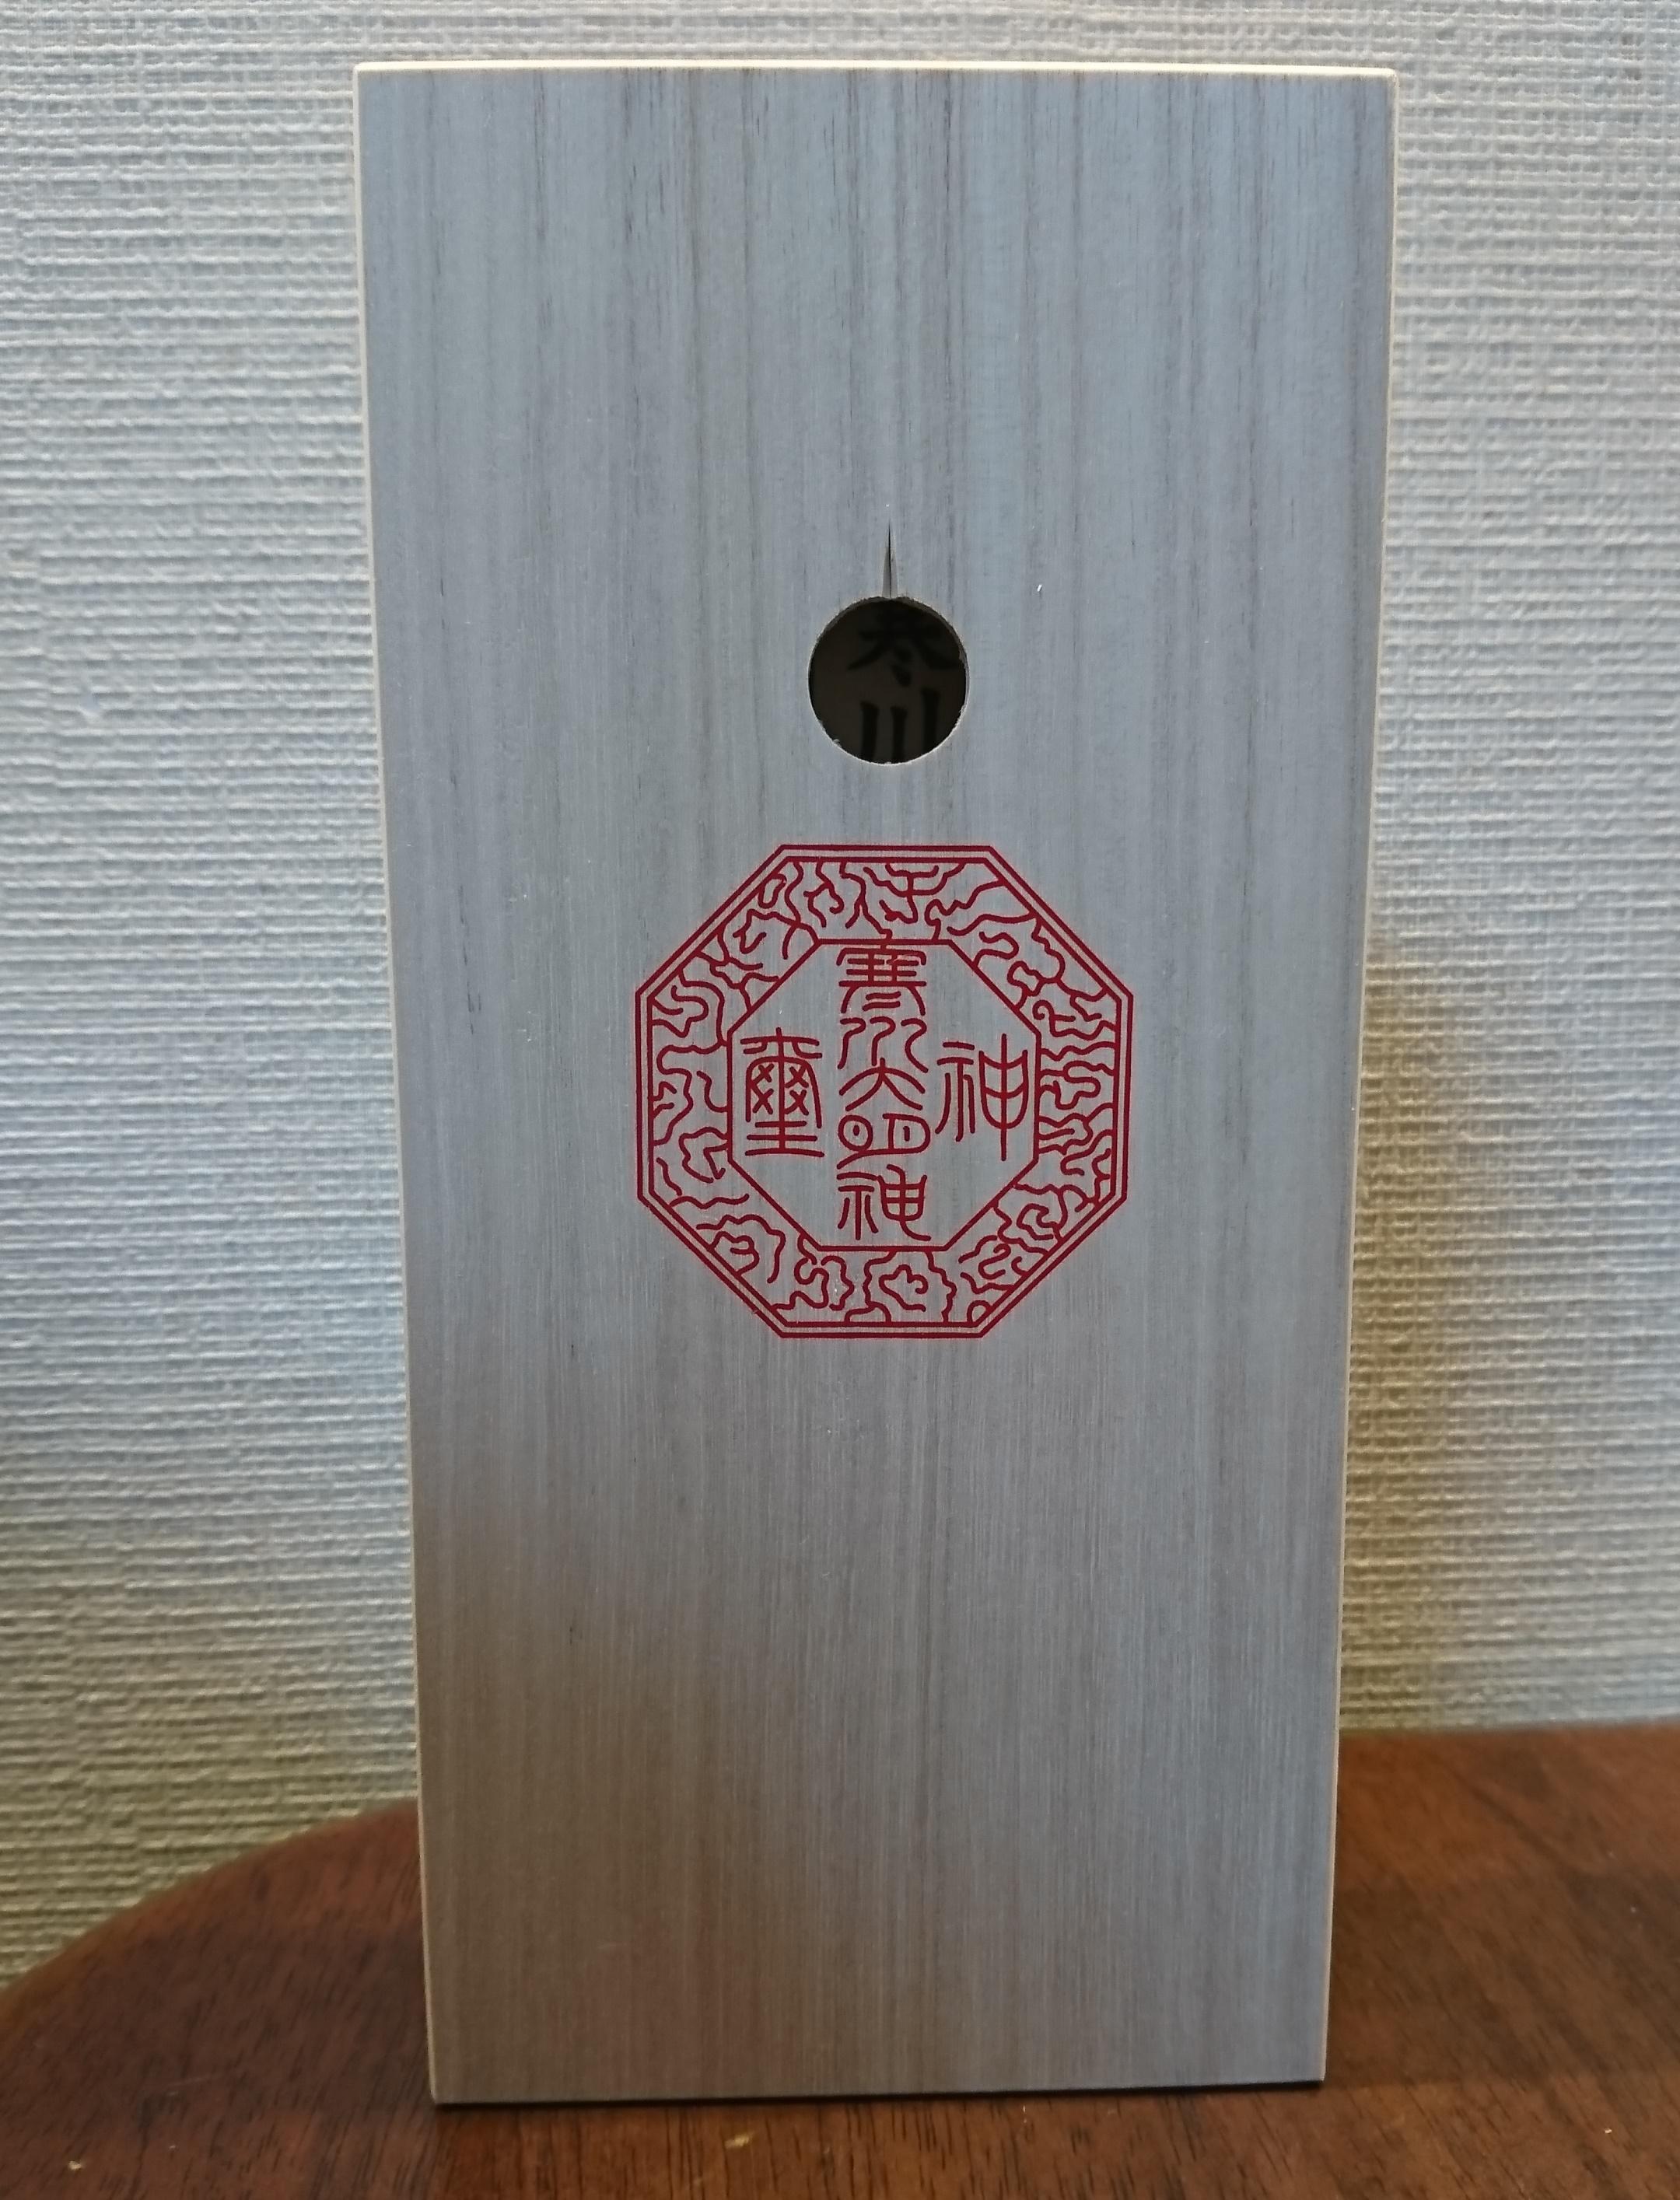 寒川神社のお祓いで授与した御幣束